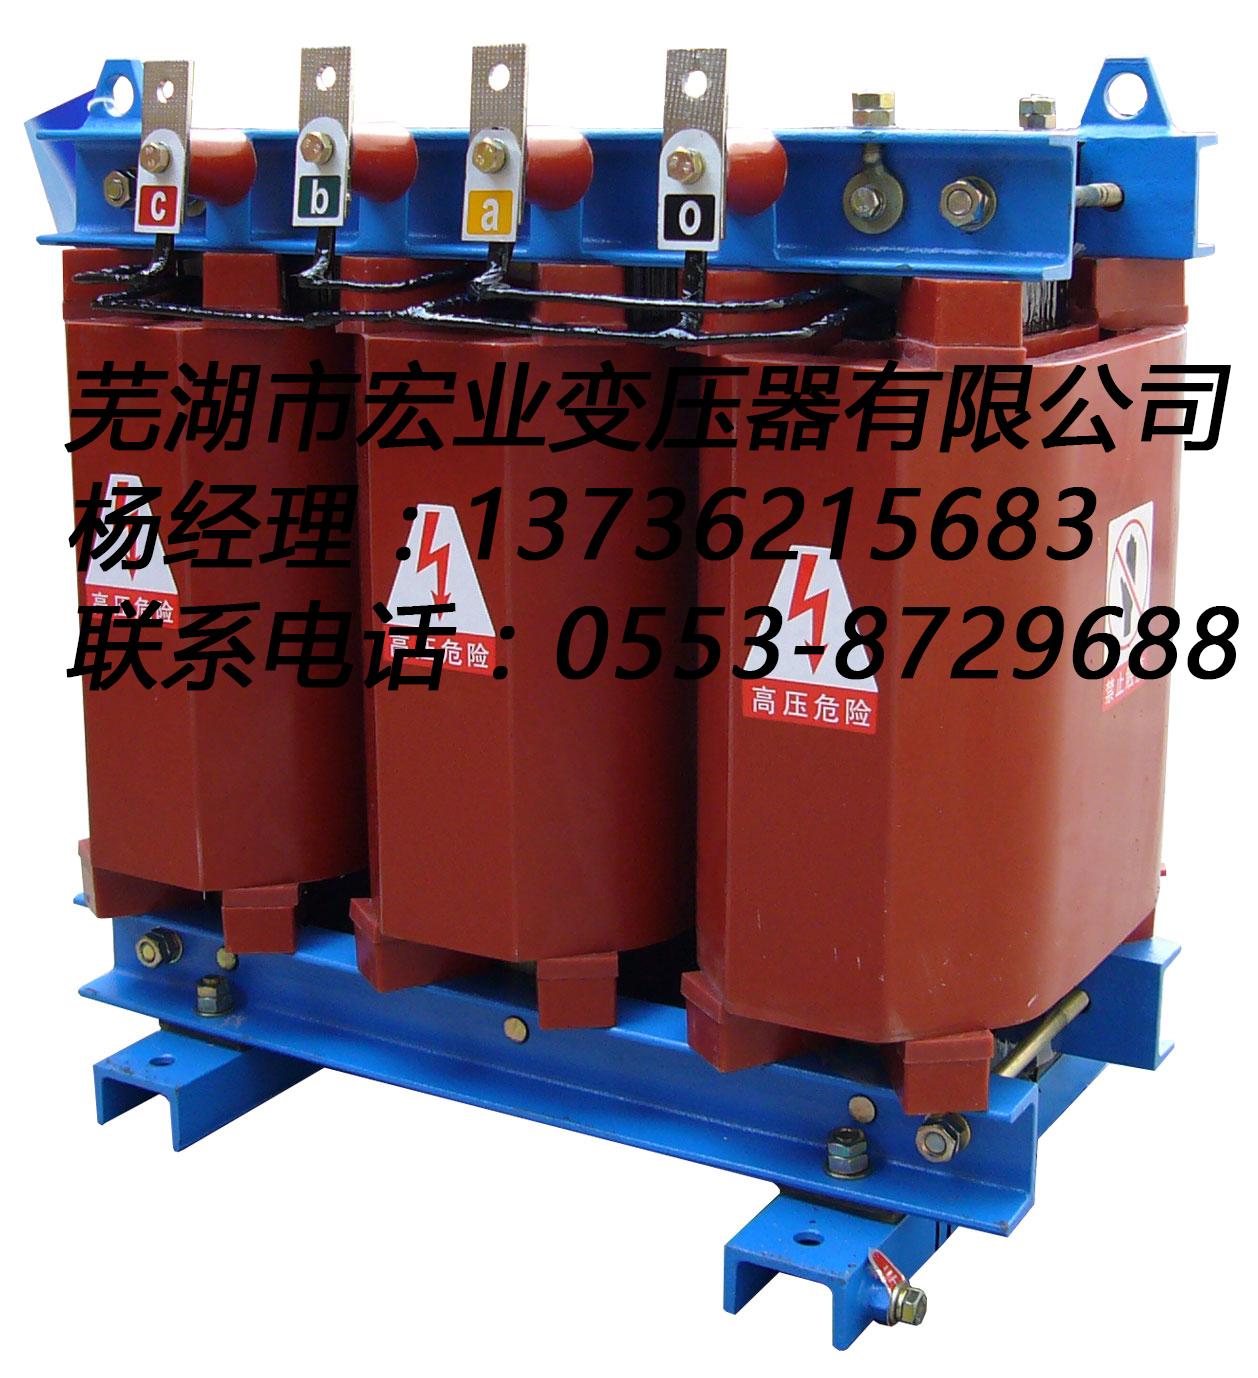 广州GAE1S干变柜三线圈站用变压器SC10-5/10-0.4(0.1